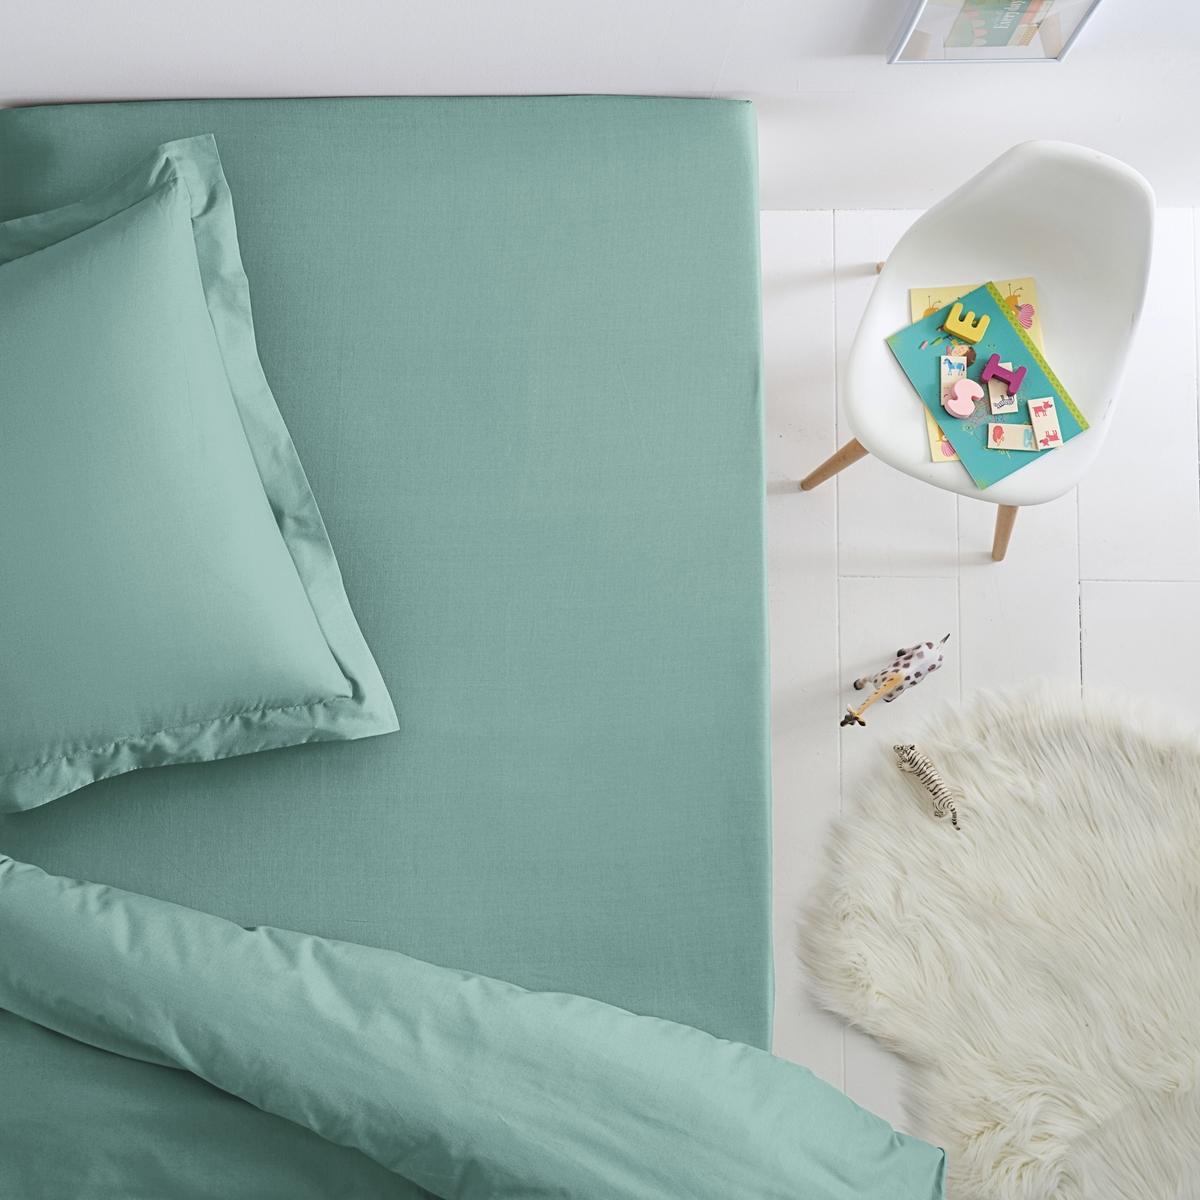 Натяжная простыня из джерси 100% хлопок для детской кровати